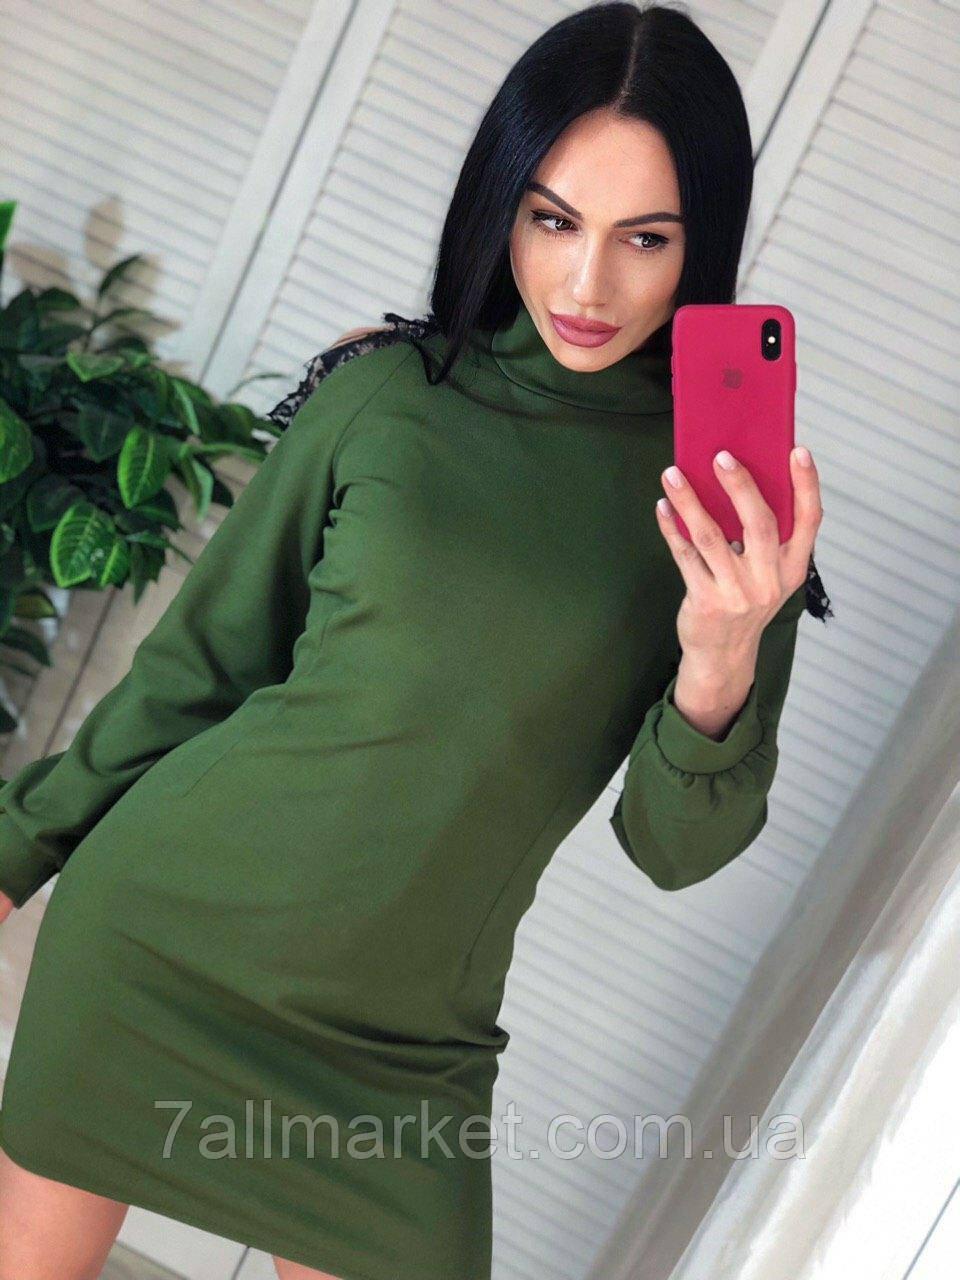 """Платье женское молодежное с открытыми плечами  размеры S-M  """"MARGARET"""" купить недорого от прямого поставщика"""